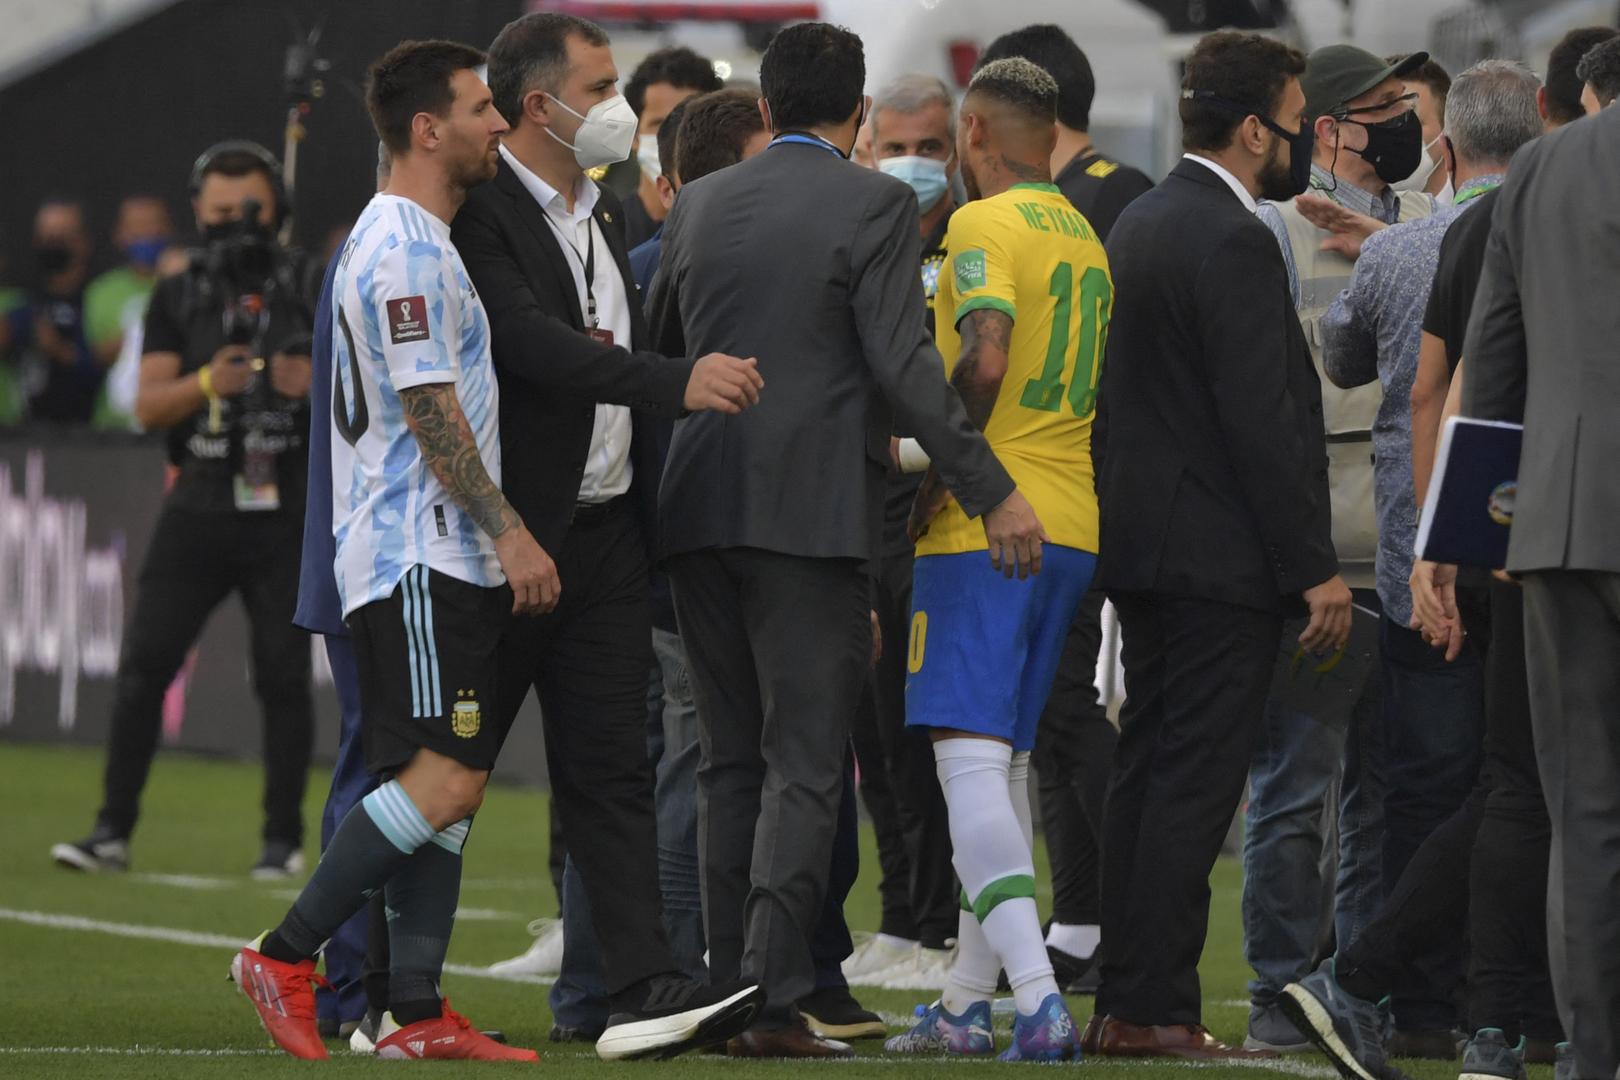 الفيفا يعلق على فضيحة مباراة الأرجنتين والبرازيل